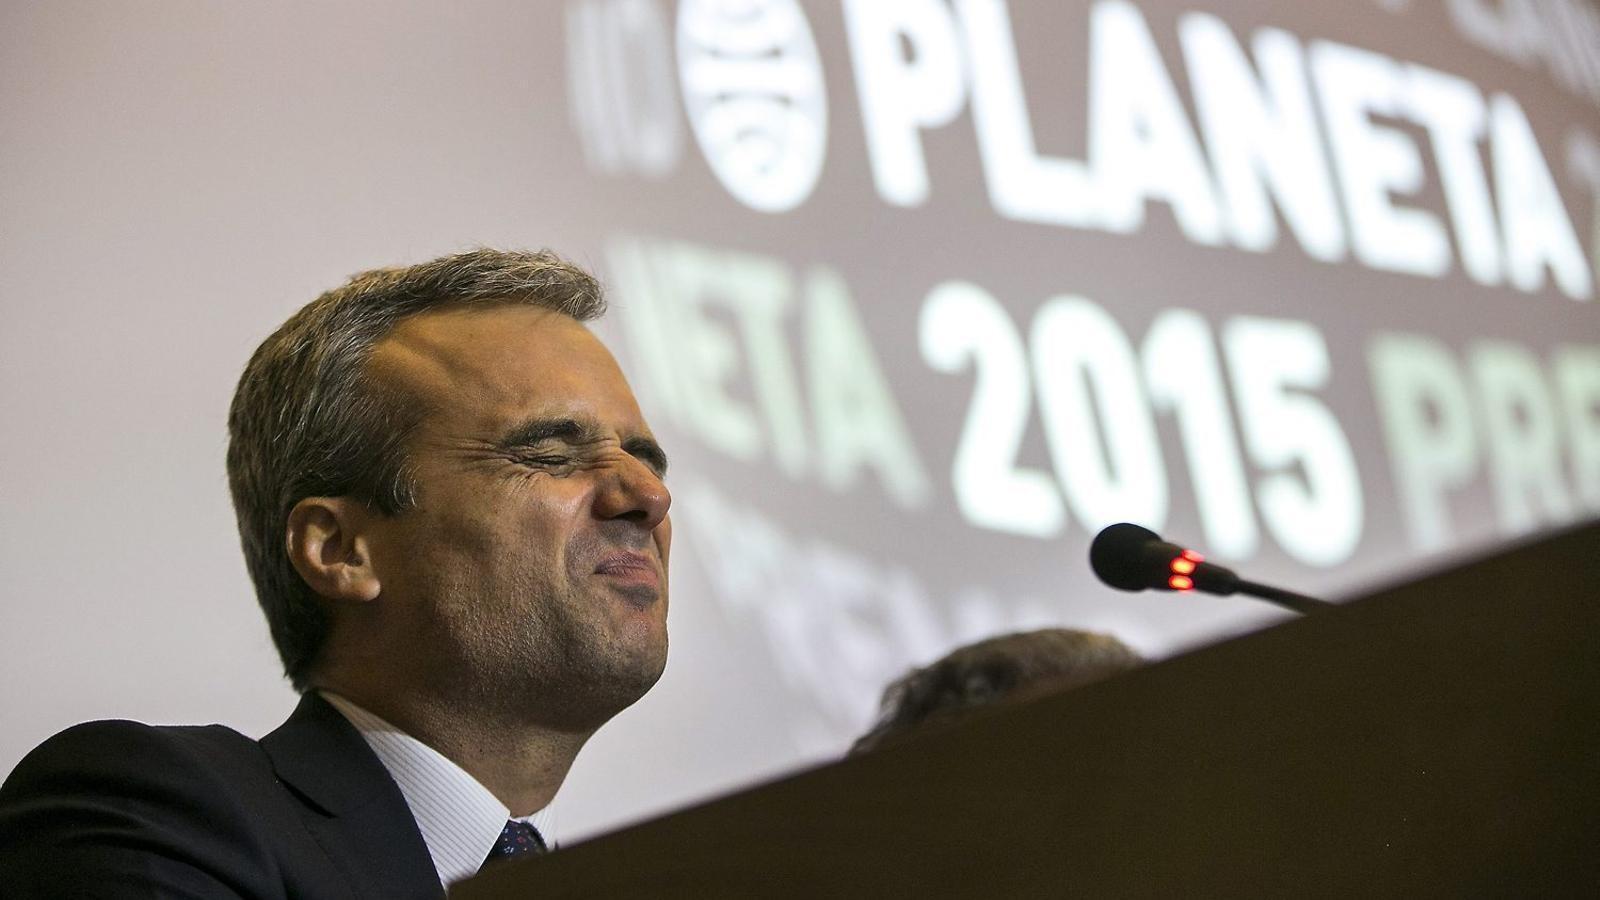 José Lara és l'hereu de l'imperi empresarial que va deixar el seu pare, José Manuel Lara, quan va morir fa dos anys.